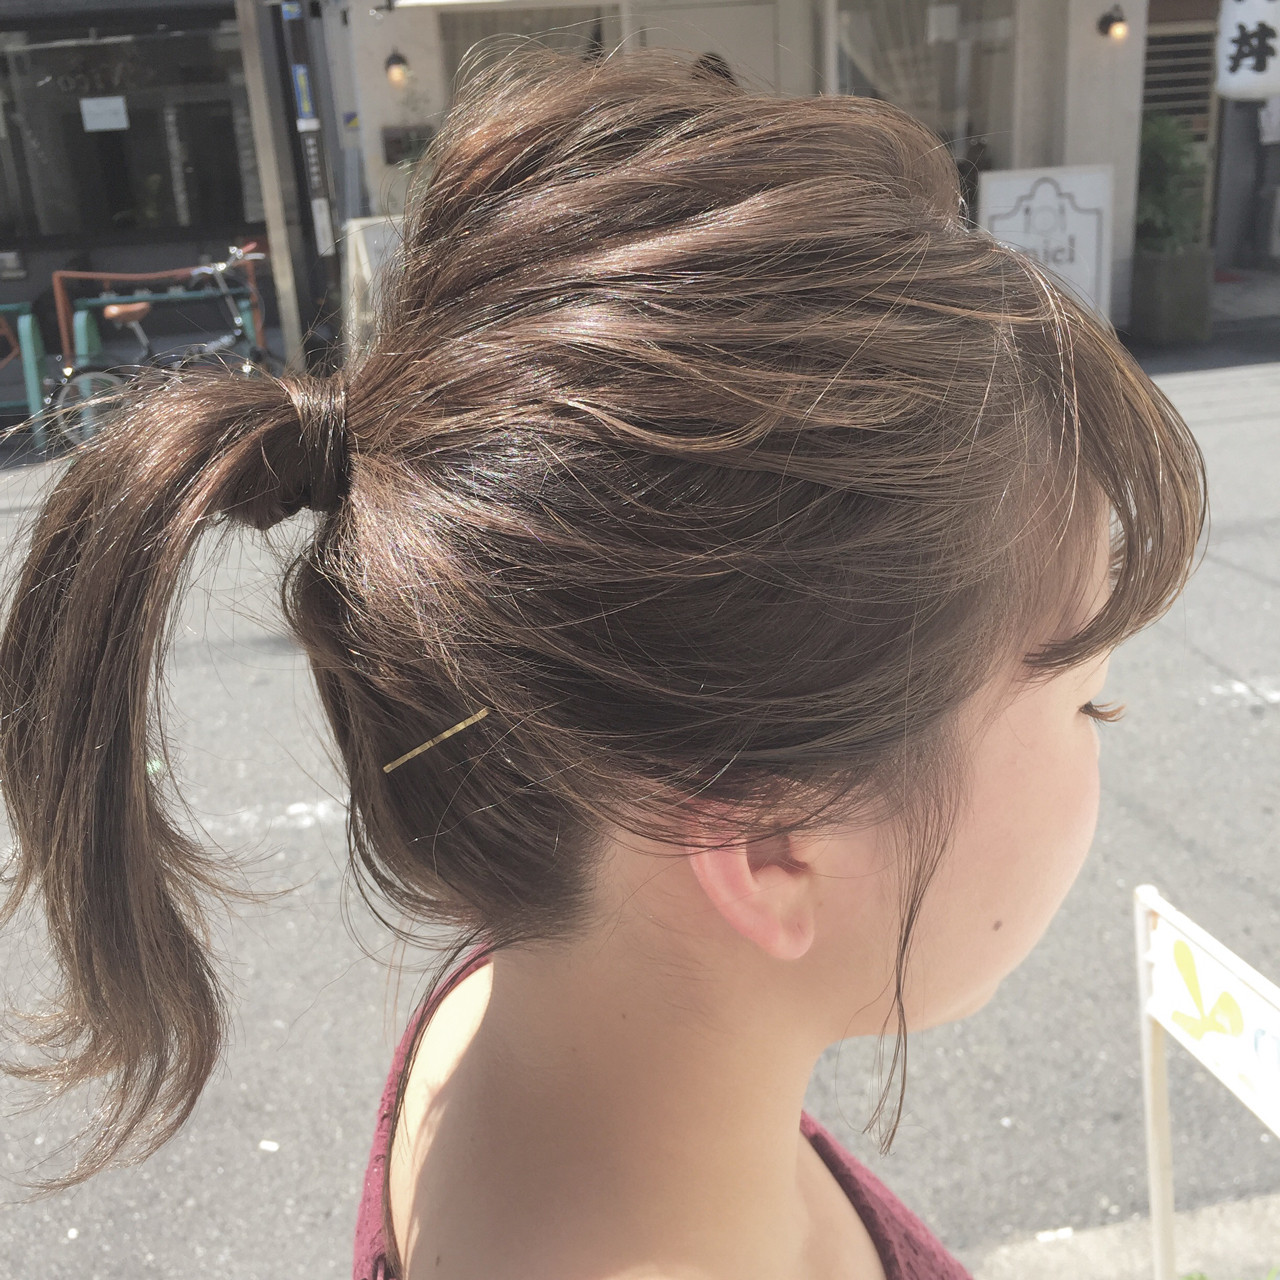 簡単ヘアアレンジ 透明感 夏 色気 ヘアスタイルや髪型の写真・画像